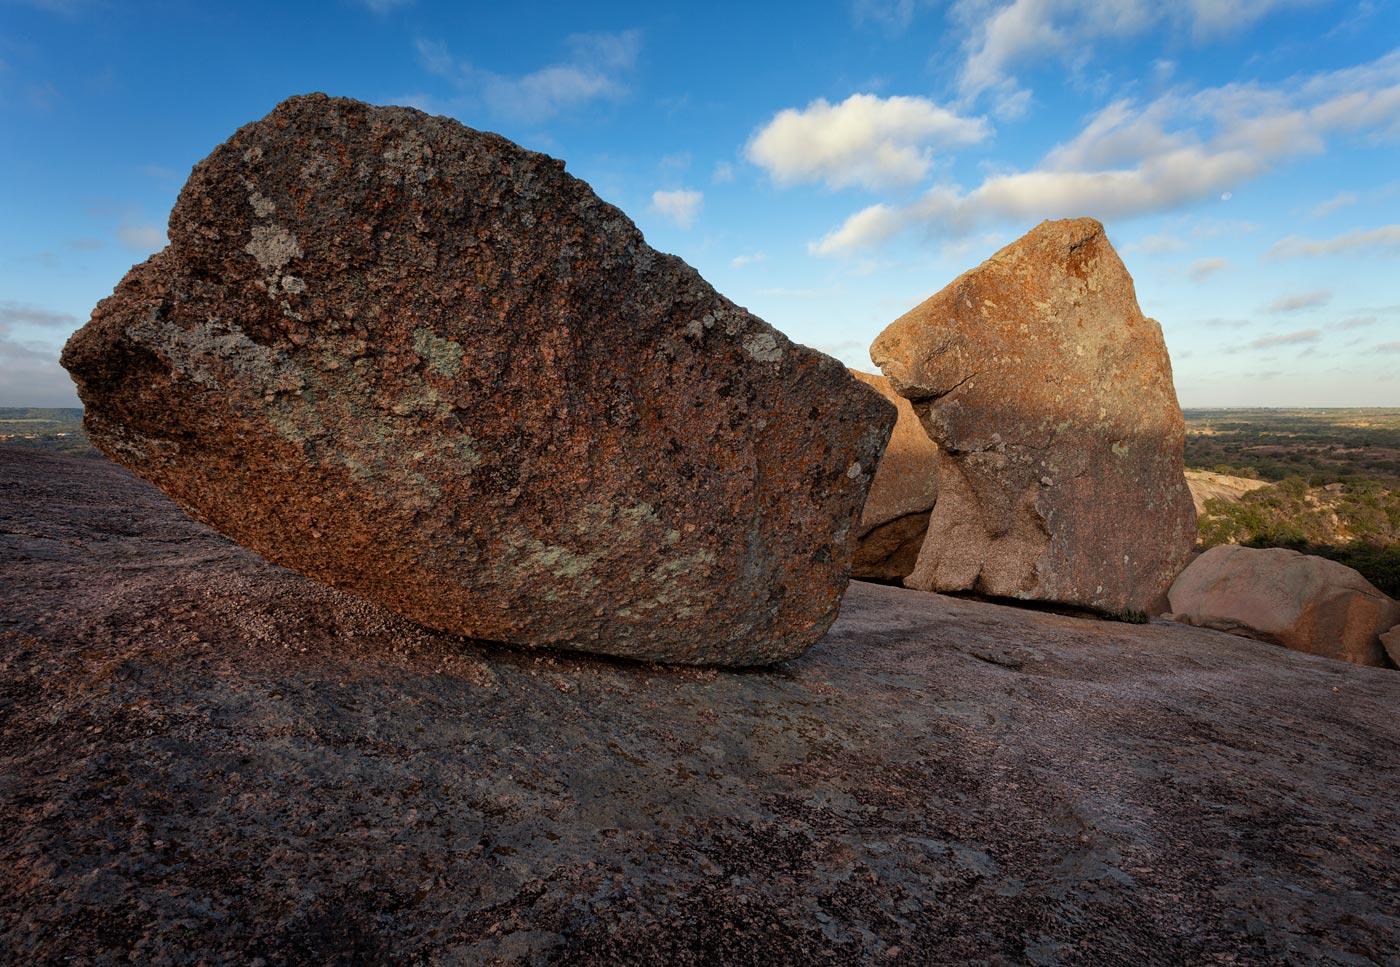 Enchanted-Rock-ABP-Large-Boulders.jpg